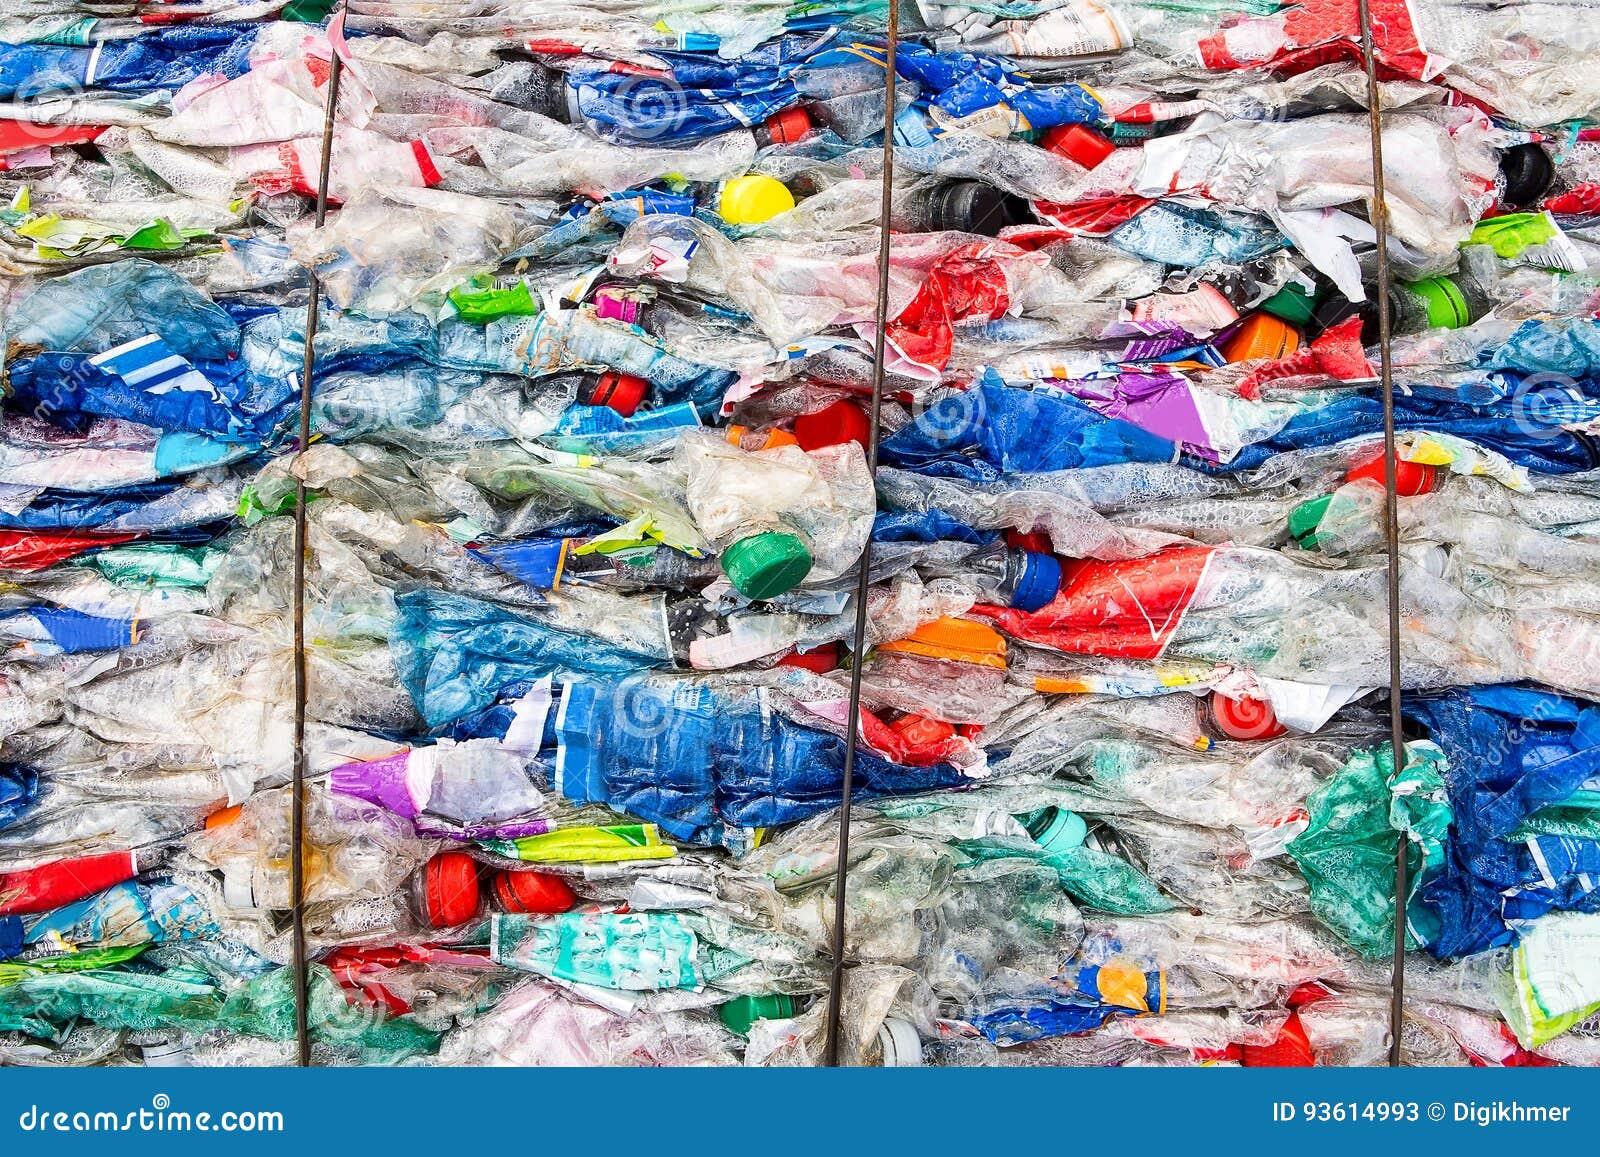 Reciclando o plástico e salvar a terra